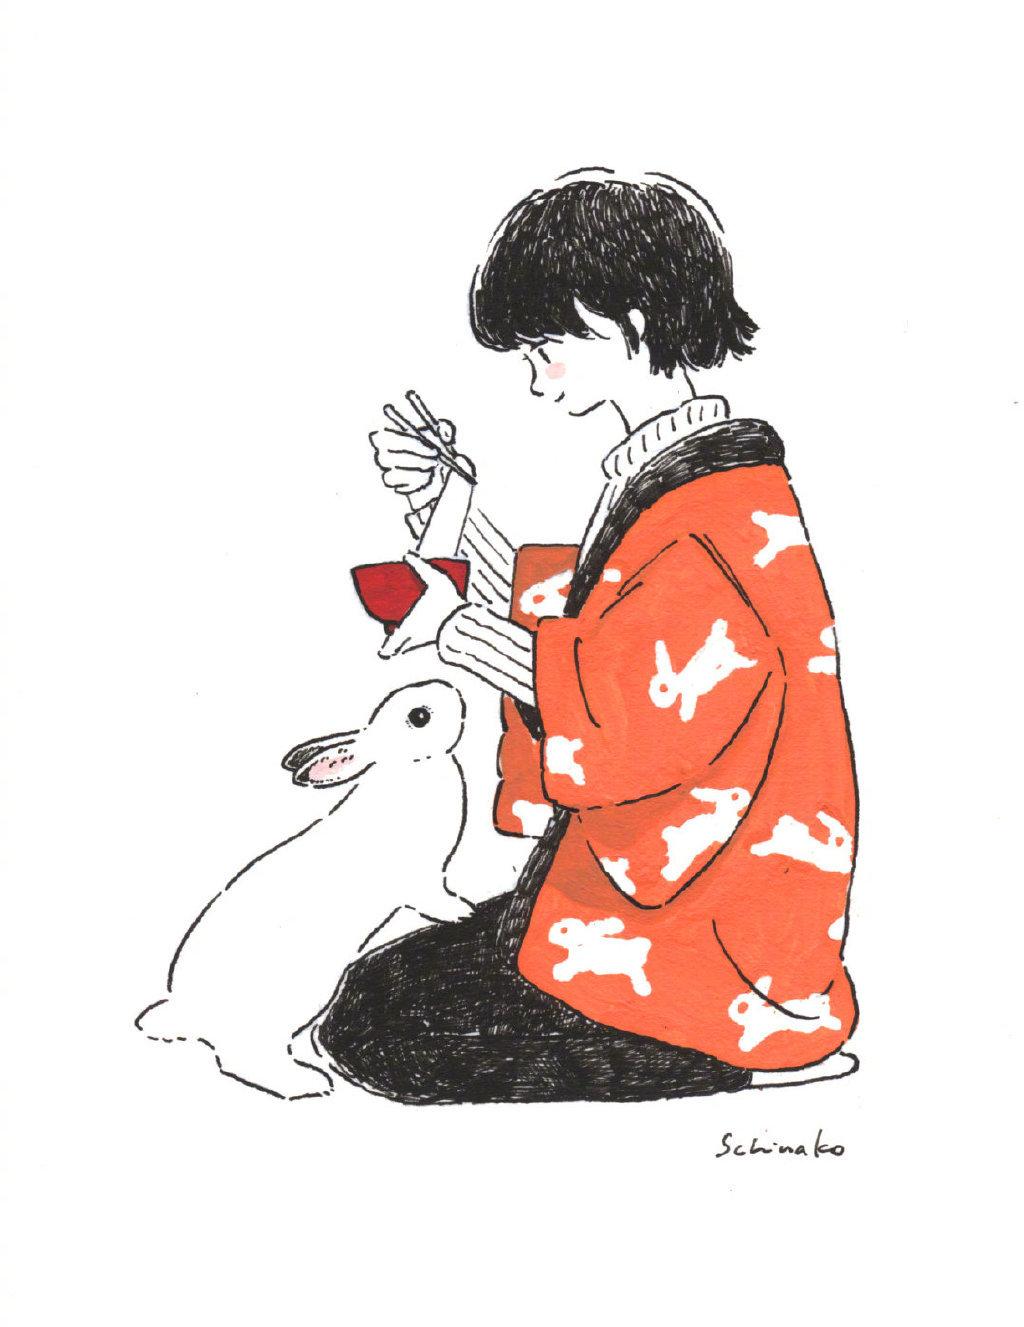 日本插画家 森山標子 的插画作品,一位特别喜欢兔兔的插画师~